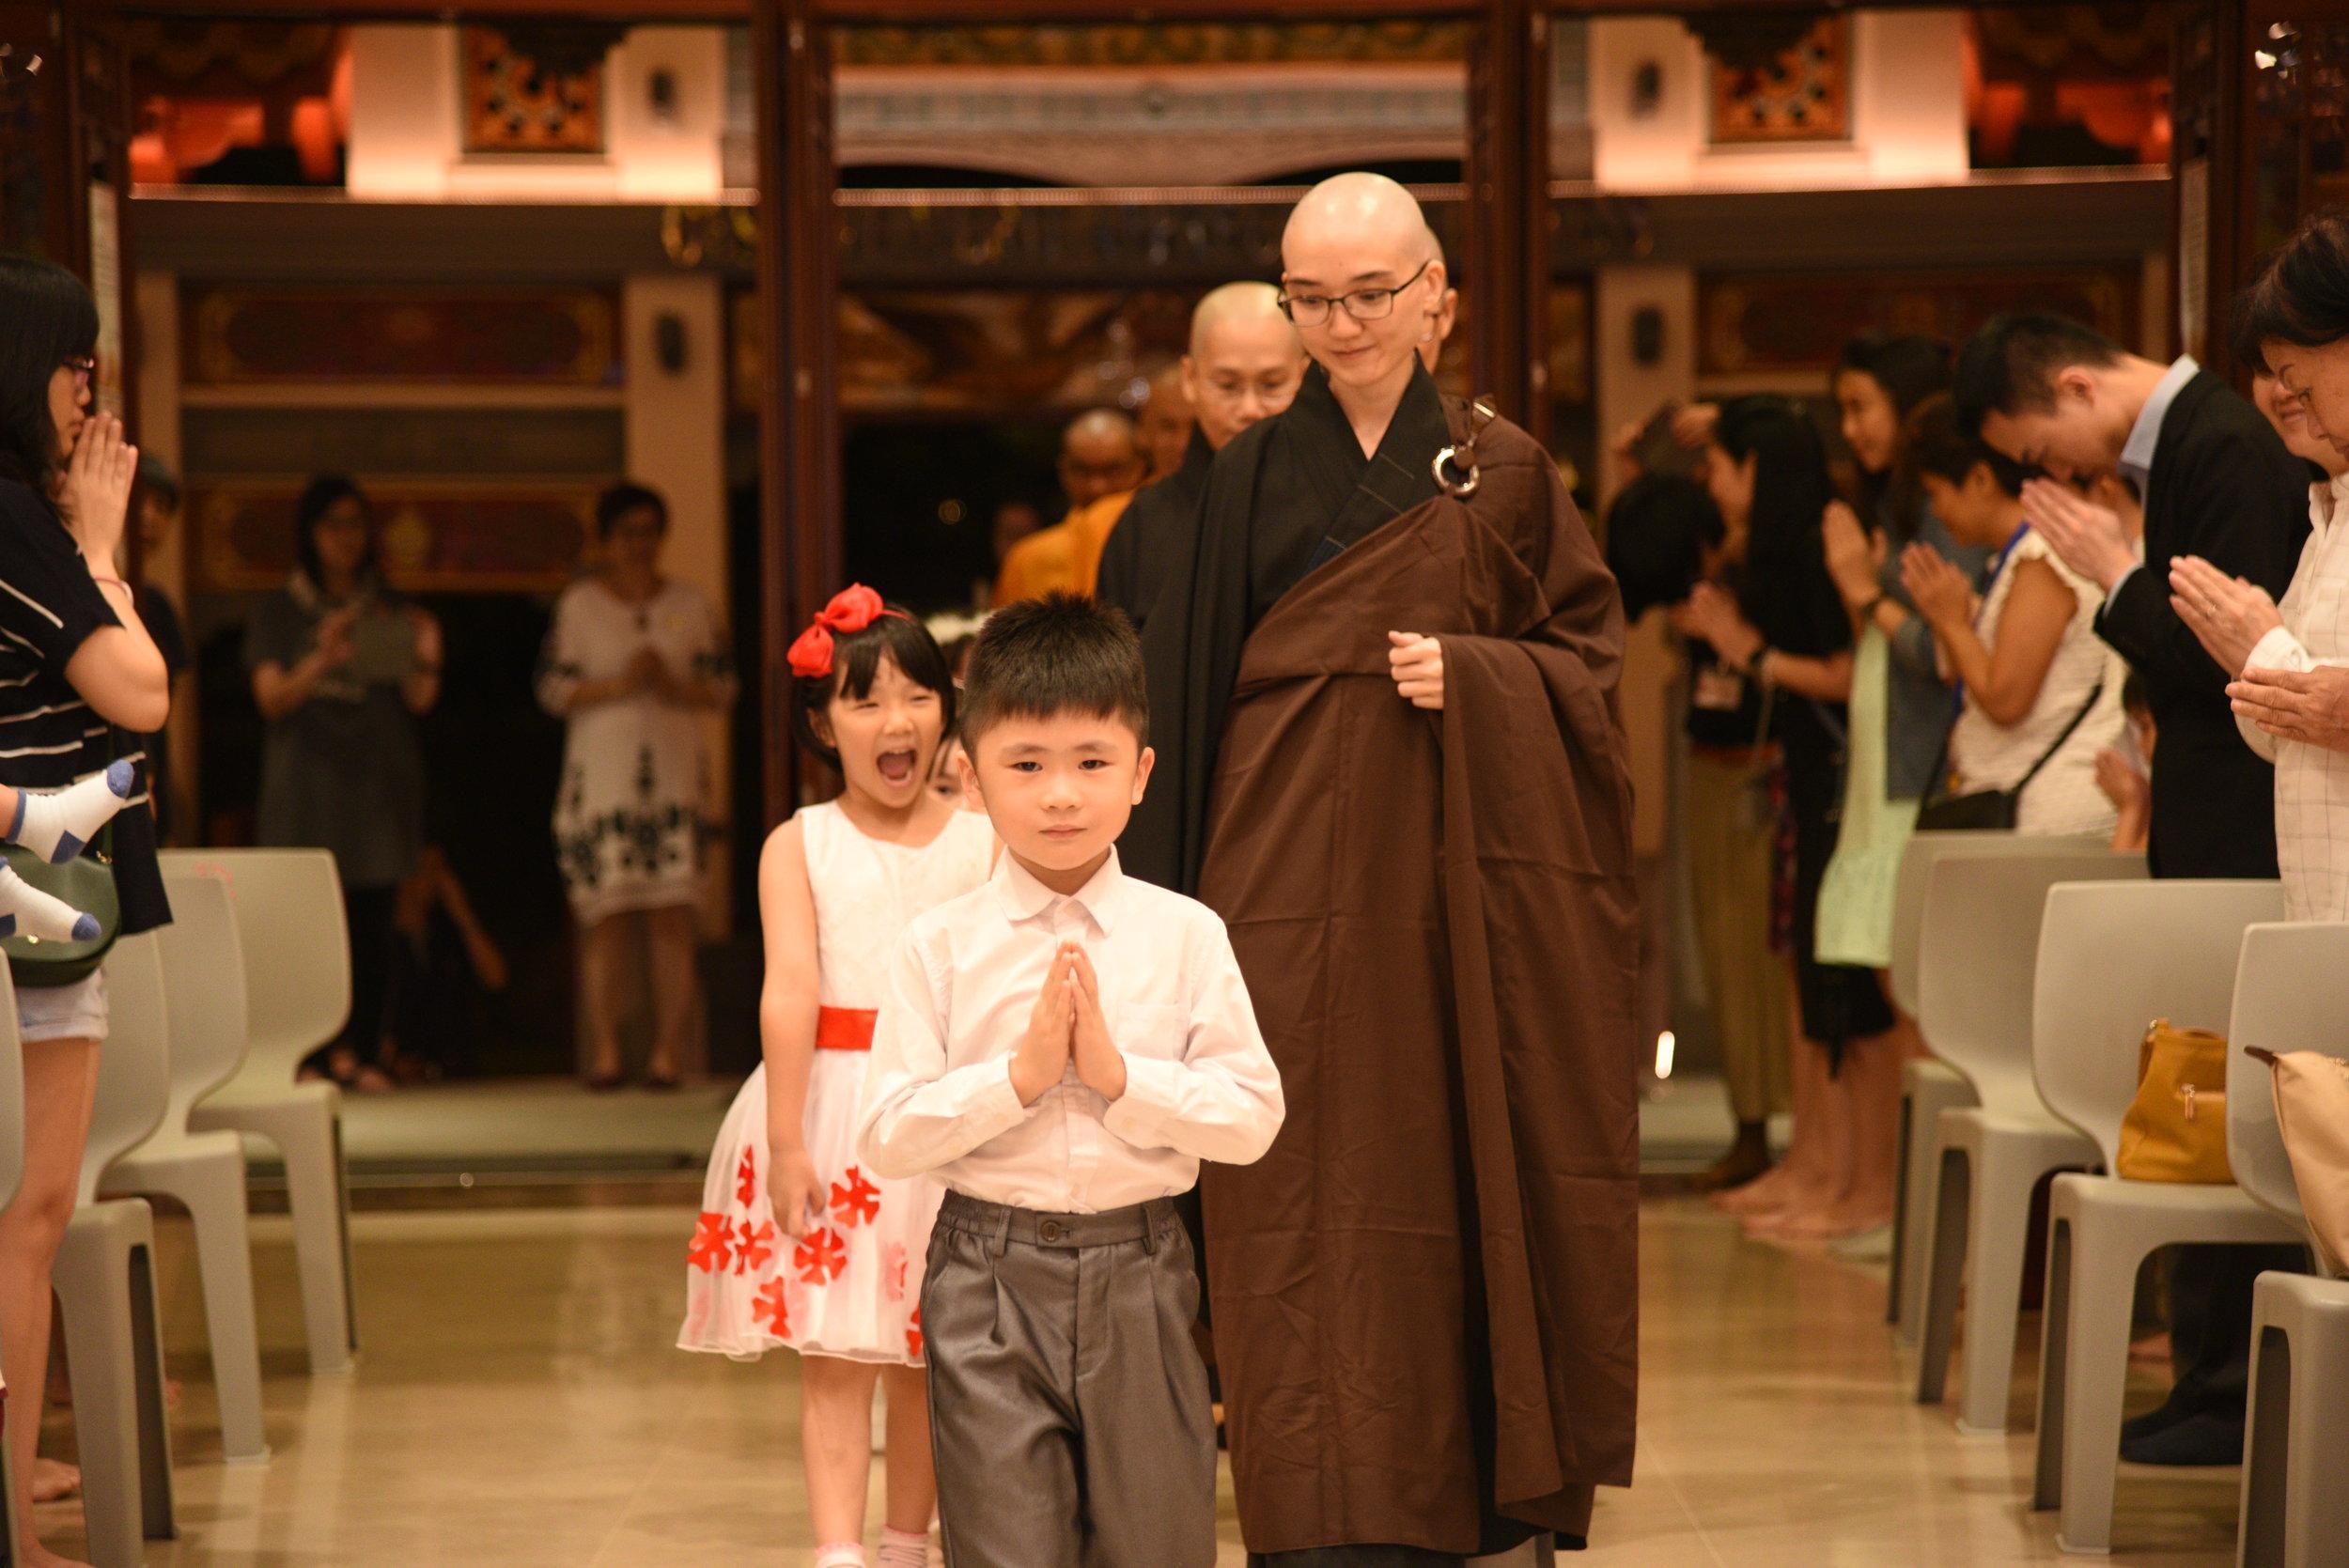 铃声敲响,由僧团法师们牵引着小手缓缓进殿。